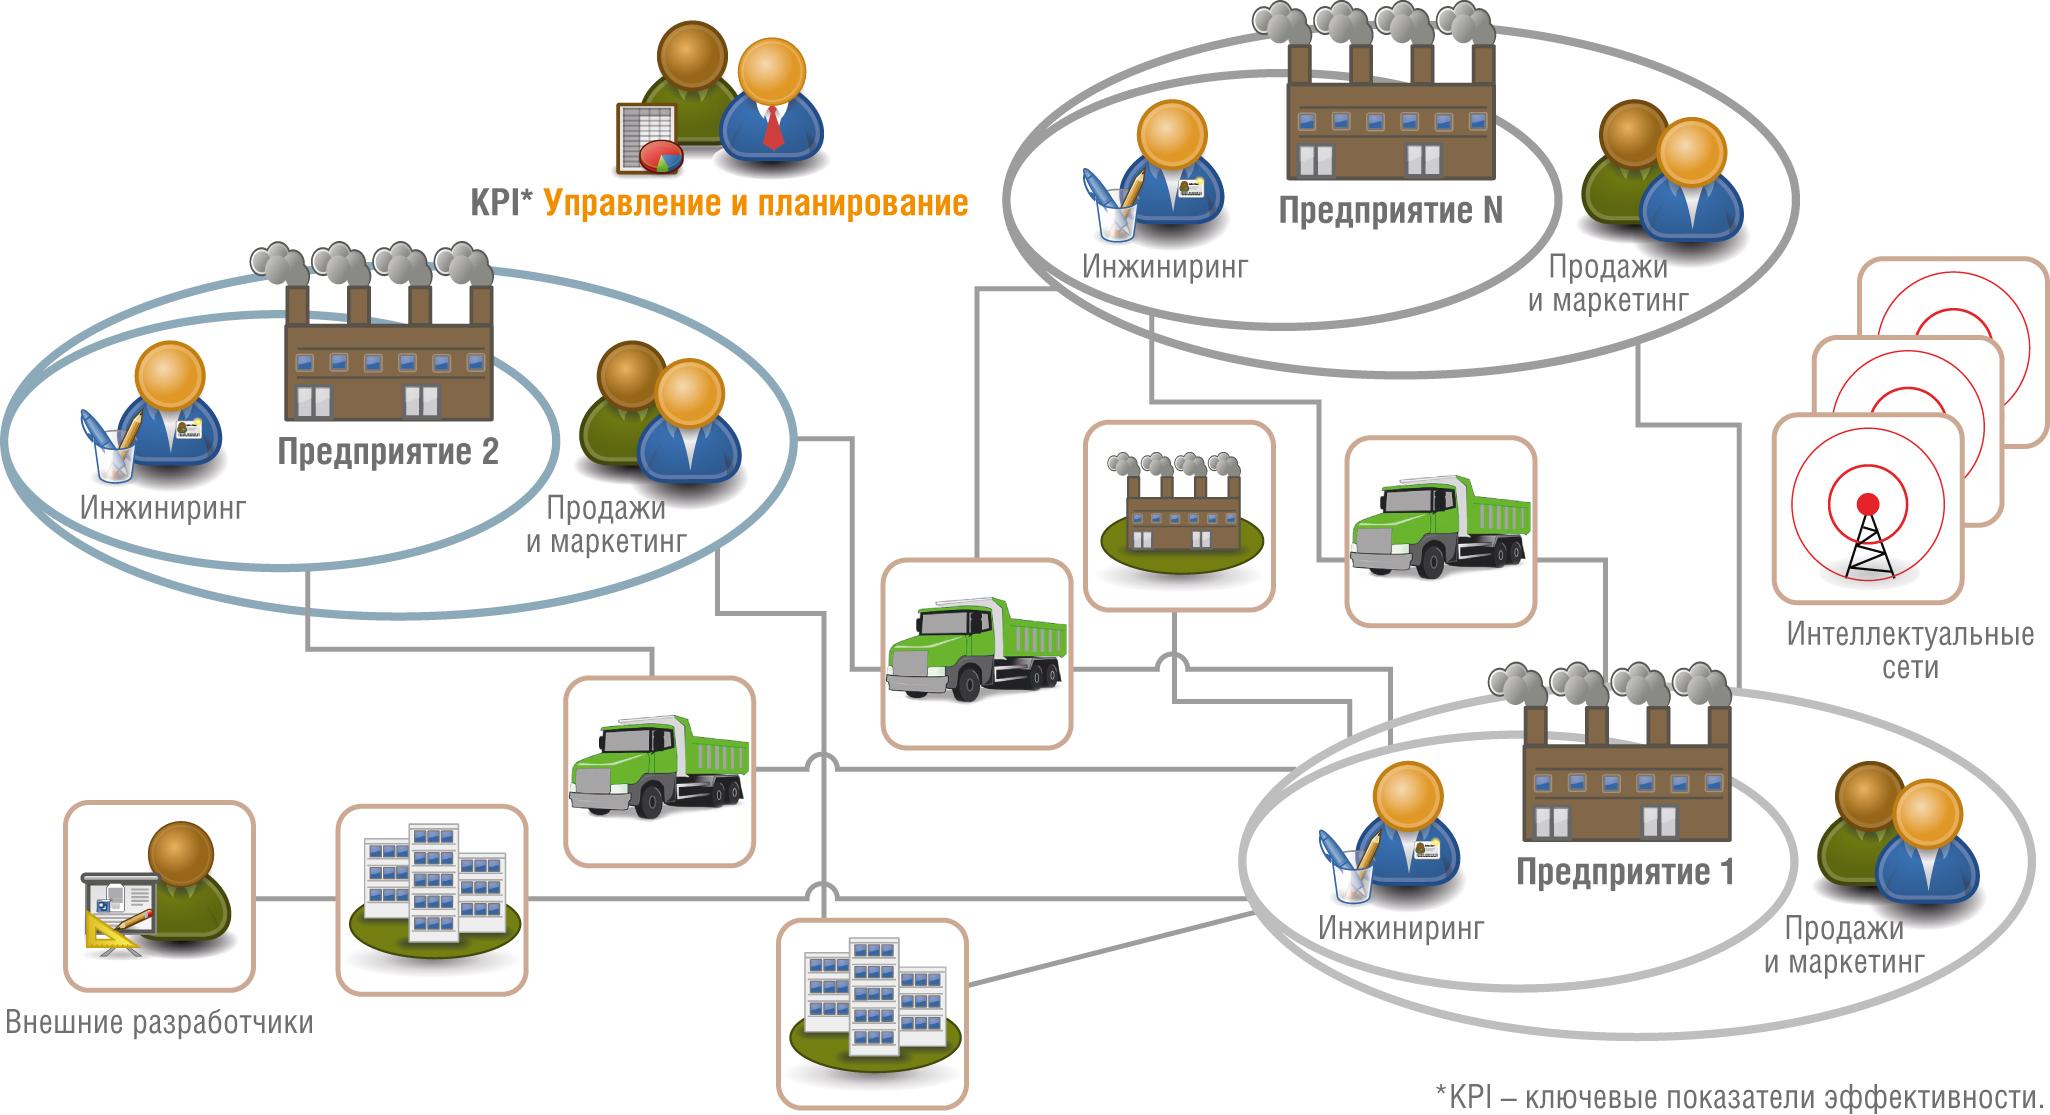 Архитектура сети «умных» предприятий и управления ими